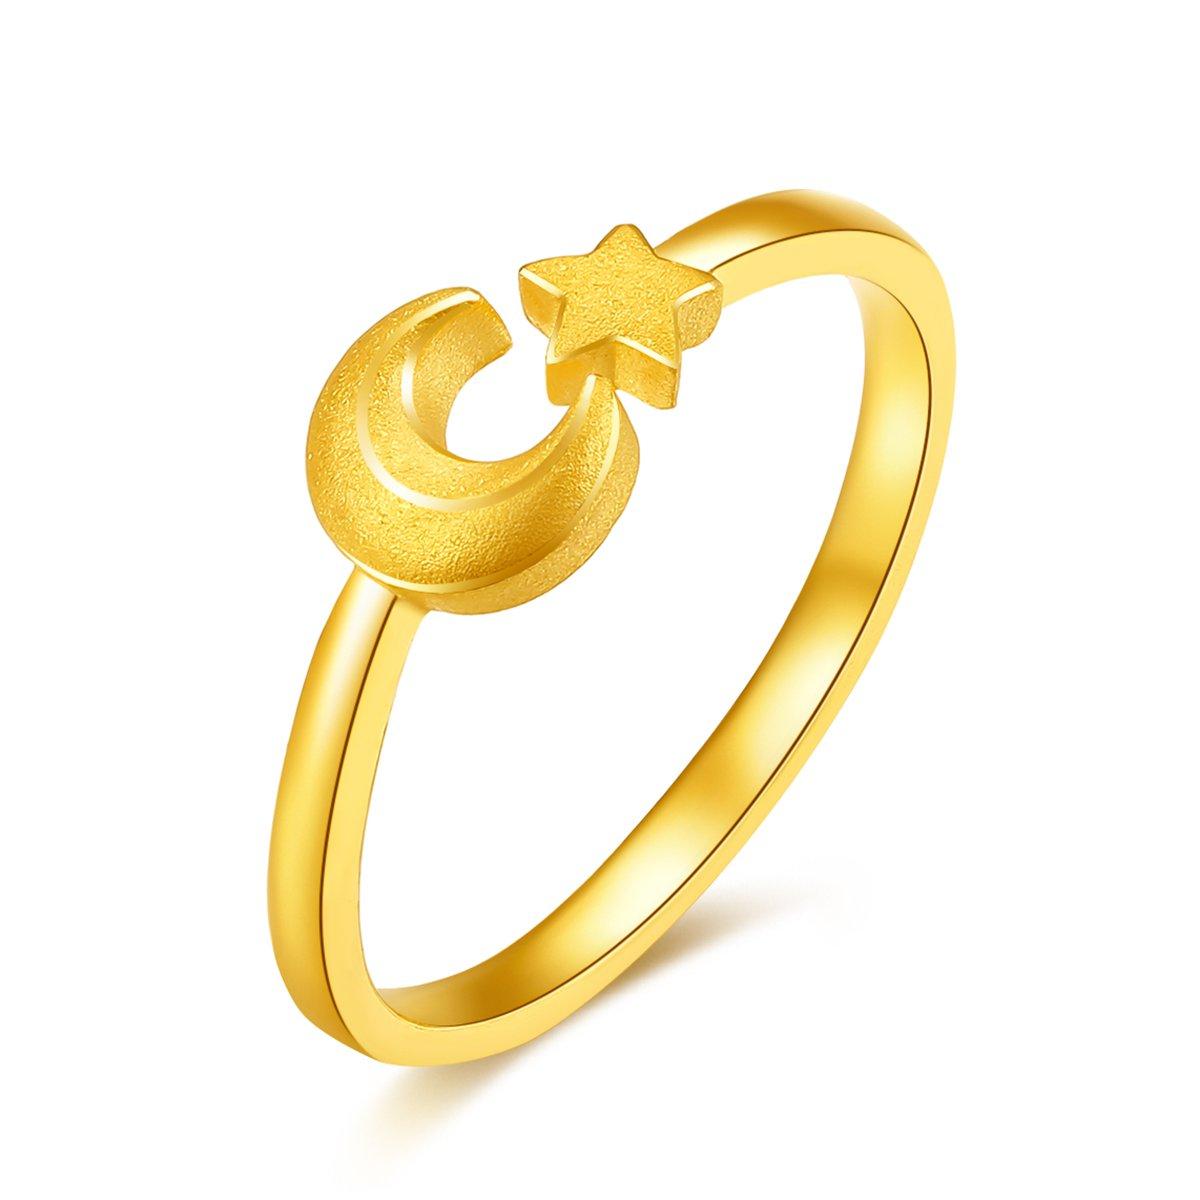 吉盟珠宝吉盟珠宝 黄金戒指女星月指环时尚开口戒足金999情侣结婚对戒尾戒AR056